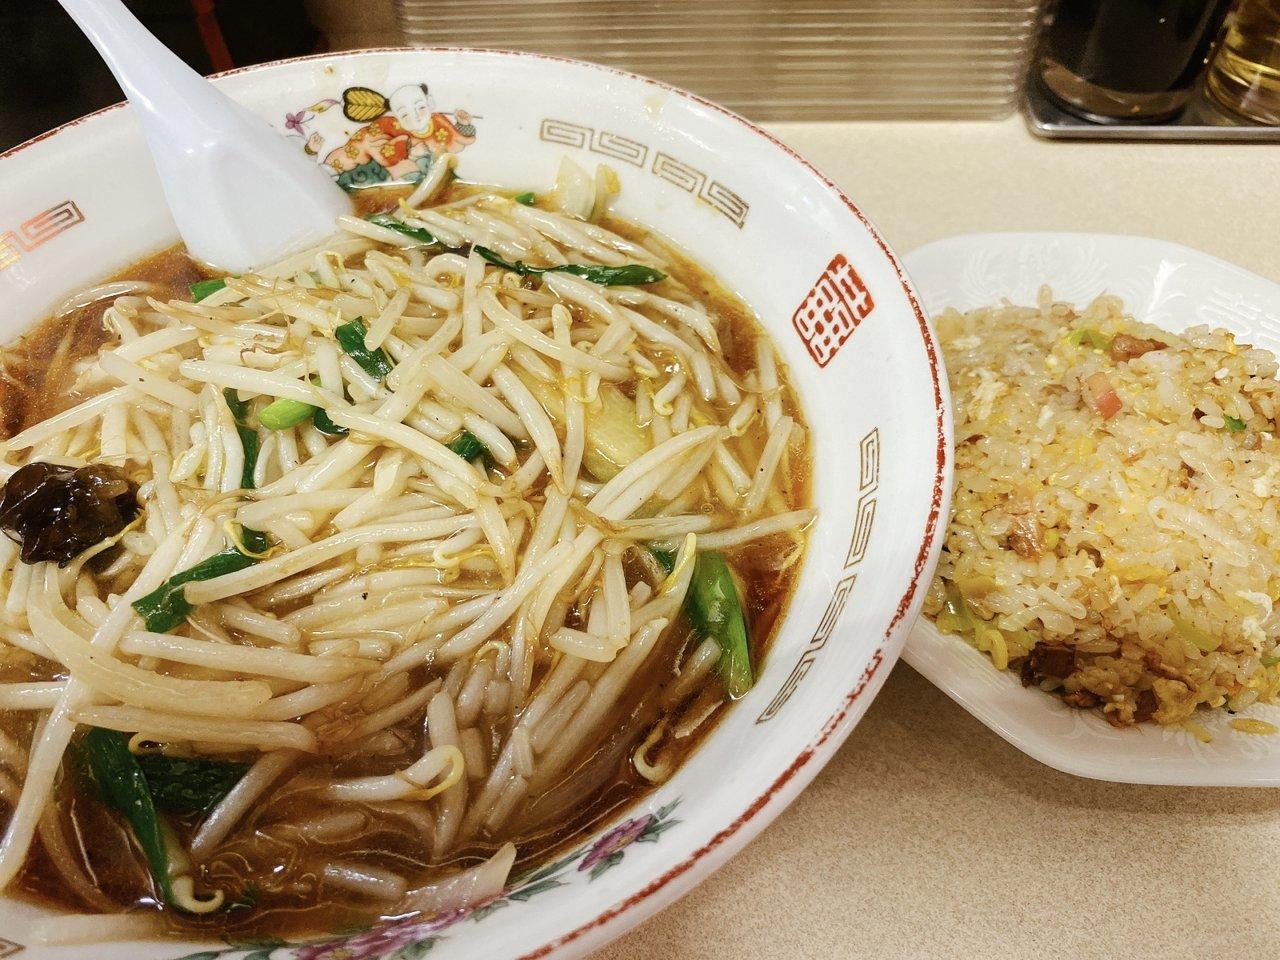 東京ローカルのおいしいラーメンがたべたい もやしラーメンと半チャーハン